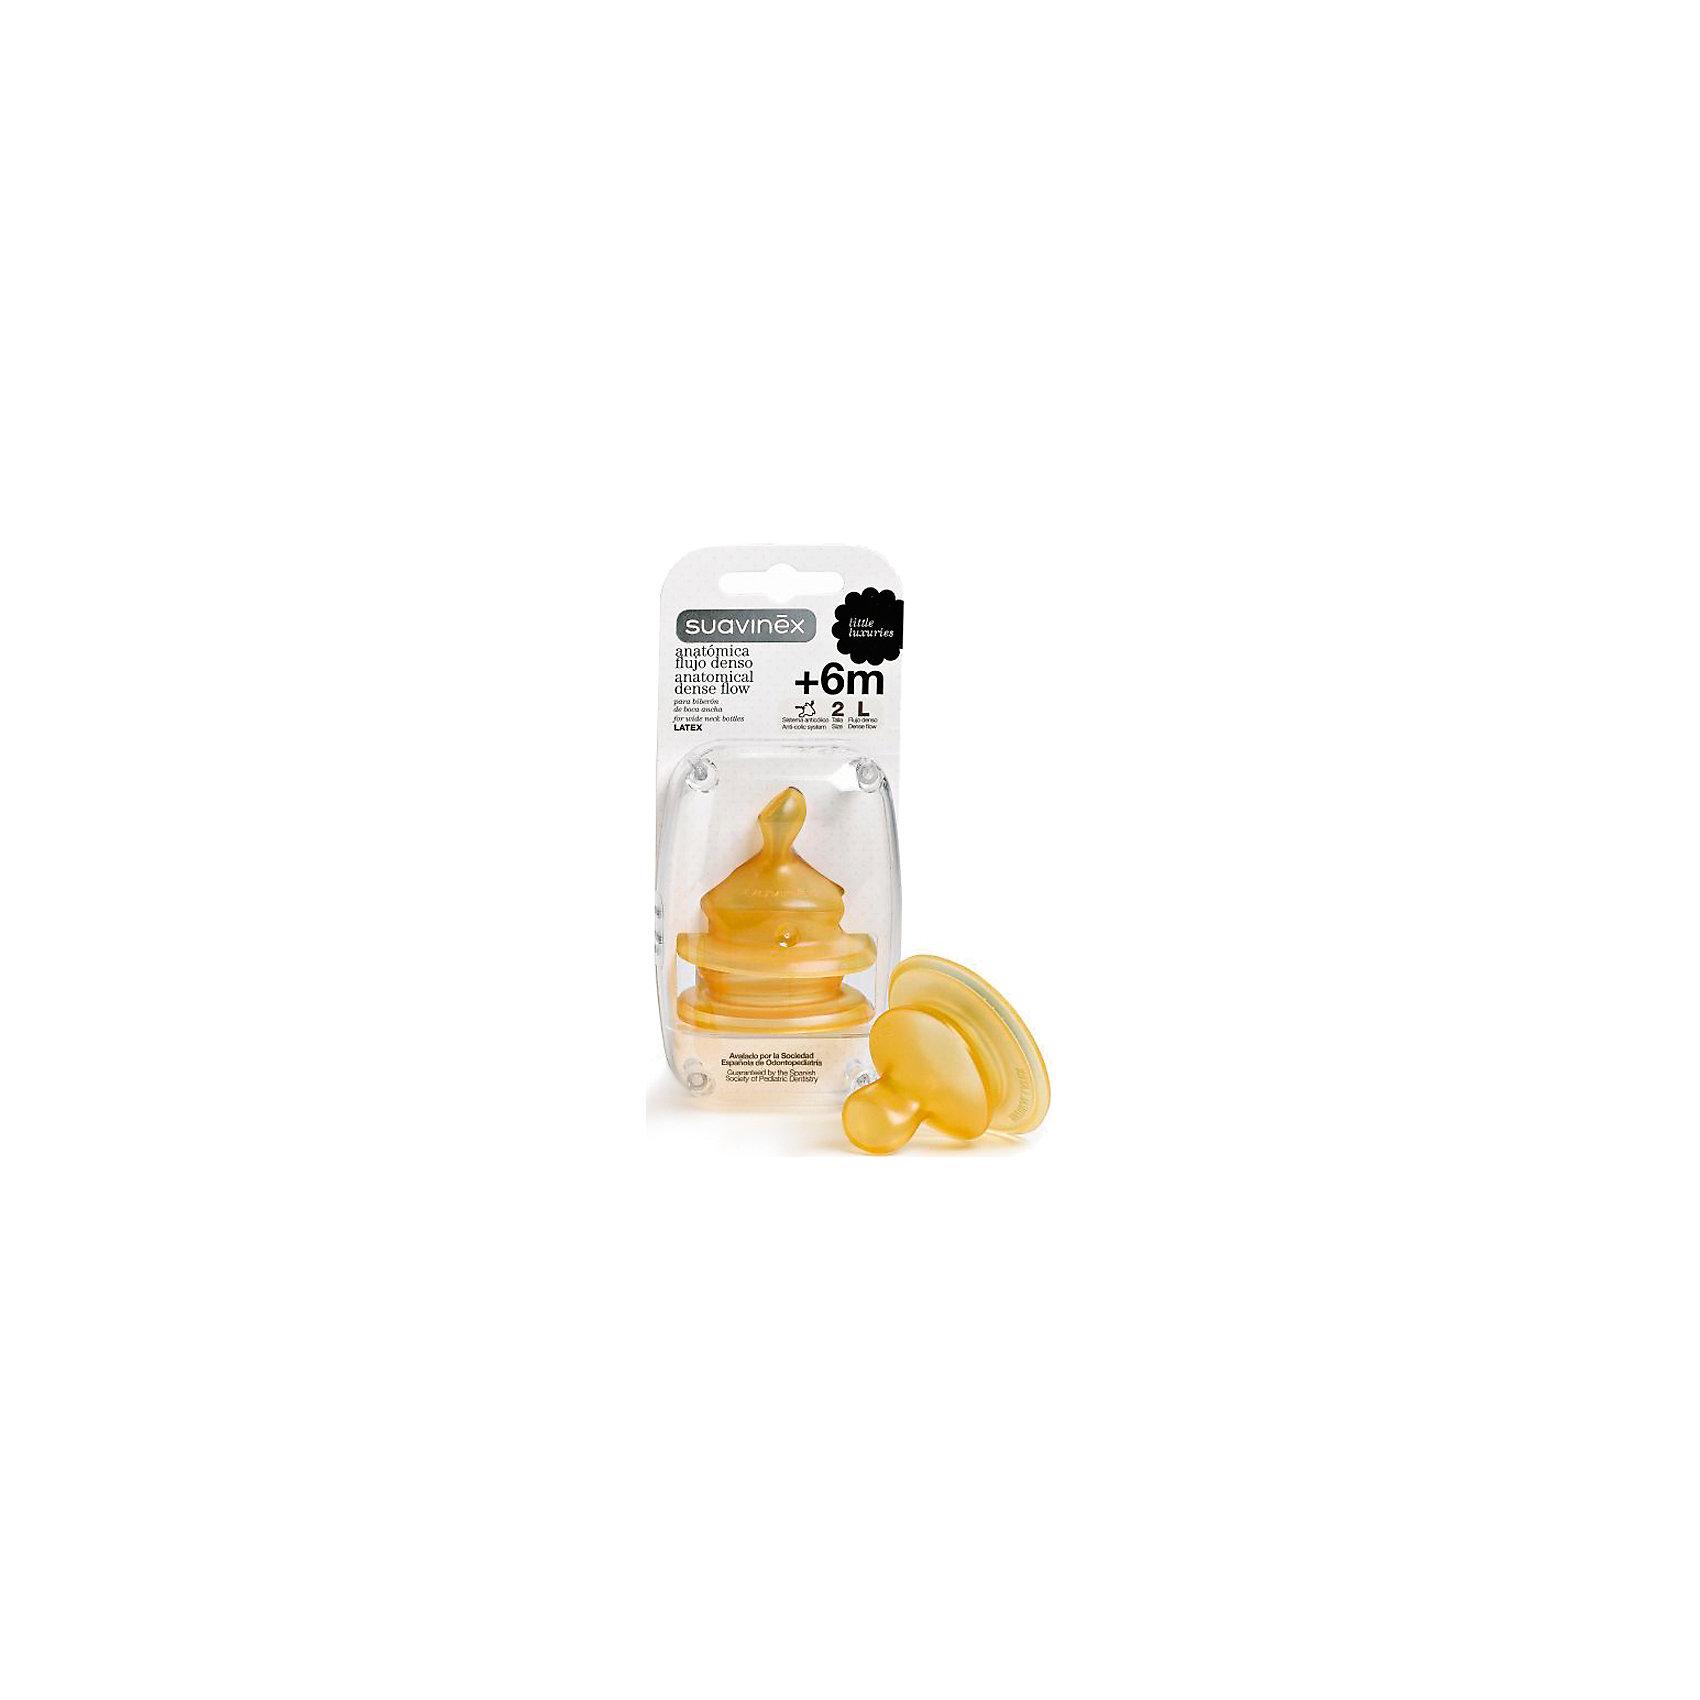 Соска латексная размер L от 6мес, 2шт., SuavinexБутылочки и аксессуары<br>Характеристики:<br><br>• Наименование: соска для кормления<br>• Рекомендуемый возраст: от 6 месяцев<br>• Размер: L <br>• Материал: латекс<br>• Форма: анатомическая<br>• Поток: медленный<br>• Комплектация: 2 соски<br>• Подходит для всех бутылочек производителя Suavinex<br>• Вес: 45 г<br>• Параметры (Д*Ш*В): 6,5*6*14 см <br>• Особенности ухода: можно мыть в теплой воде, регулярная стерилизация <br><br>Соска латексная размер L от 6 мес, 2 шт., Suavinex изготовлена испанским торговым брендом, специализирующимся на выпуске товаров для кормления и аксессуаров новорожденным и младенцам. Продукция от Suavinex разработана с учетом рекомендаций педиатров и стоматологов, что гарантирует качество и безопасность использованных материалов. <br><br>Латекс, из которого изготовлена соска, длительное время сохраняет свои свойства. Анатомическая форма у соски способствует равномерному распределению давления на небо, что обеспечивает правильное формирование речевого аппарата и профилактику логопедических проблем в будущем. Изделие предназначено для молочных смесей и воды. <br><br>Соску латексную размер L от 6 мес, 2 шт., Suavinex можно купить в нашем интернет-магазине.<br><br>Ширина мм: 65<br>Глубина мм: 60<br>Высота мм: 140<br>Вес г: 45<br>Возраст от месяцев: 6<br>Возраст до месяцев: 24<br>Пол: Унисекс<br>Возраст: Детский<br>SKU: 5451333